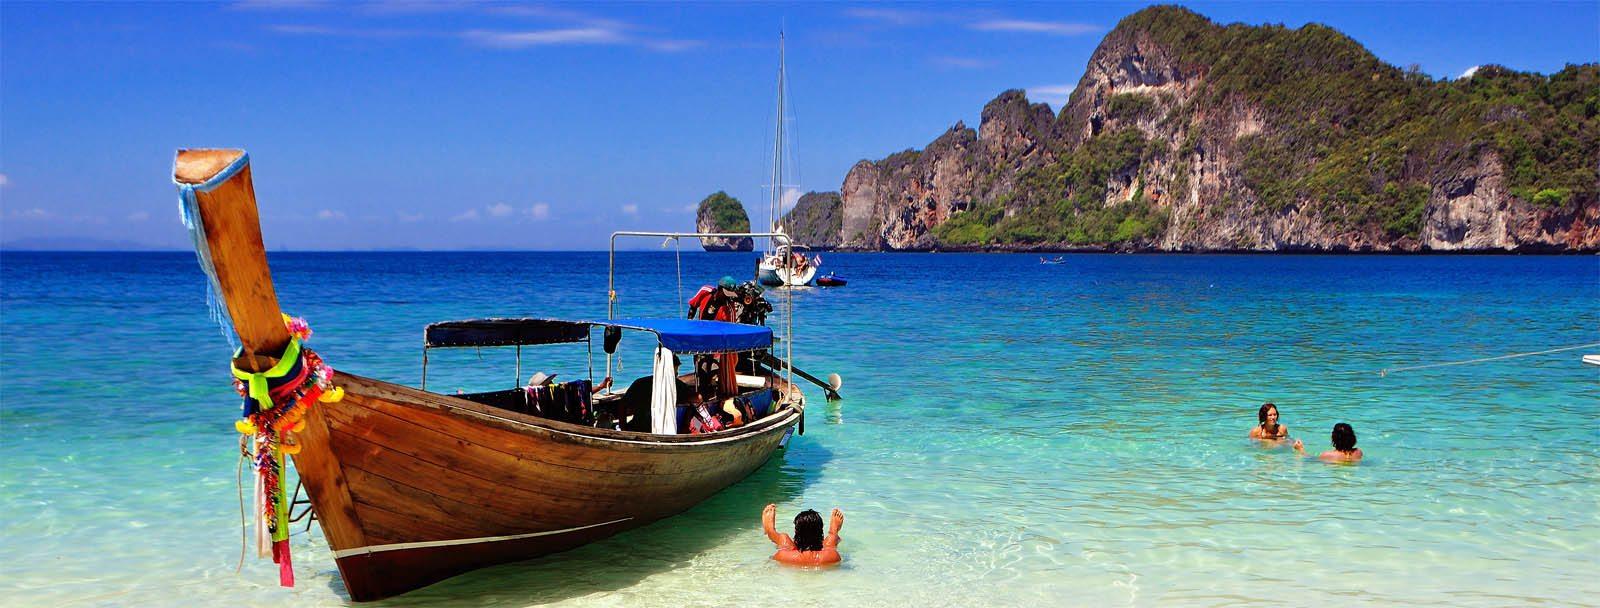 billig flygstol thailand